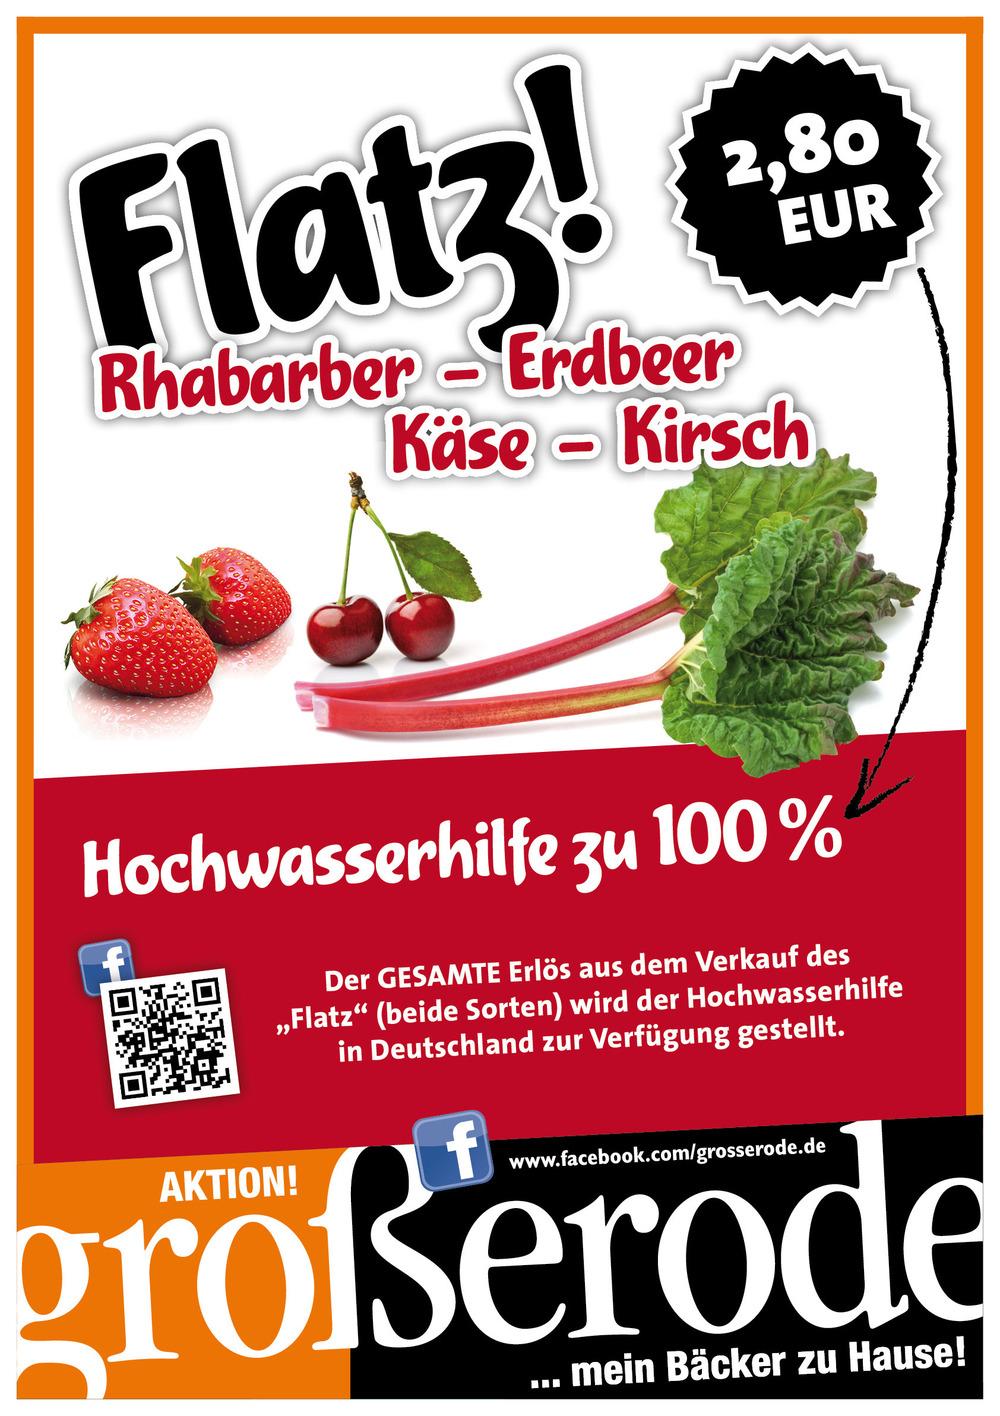 Grosserode_Flatz_Hochwasserhilfe_A1.jpg